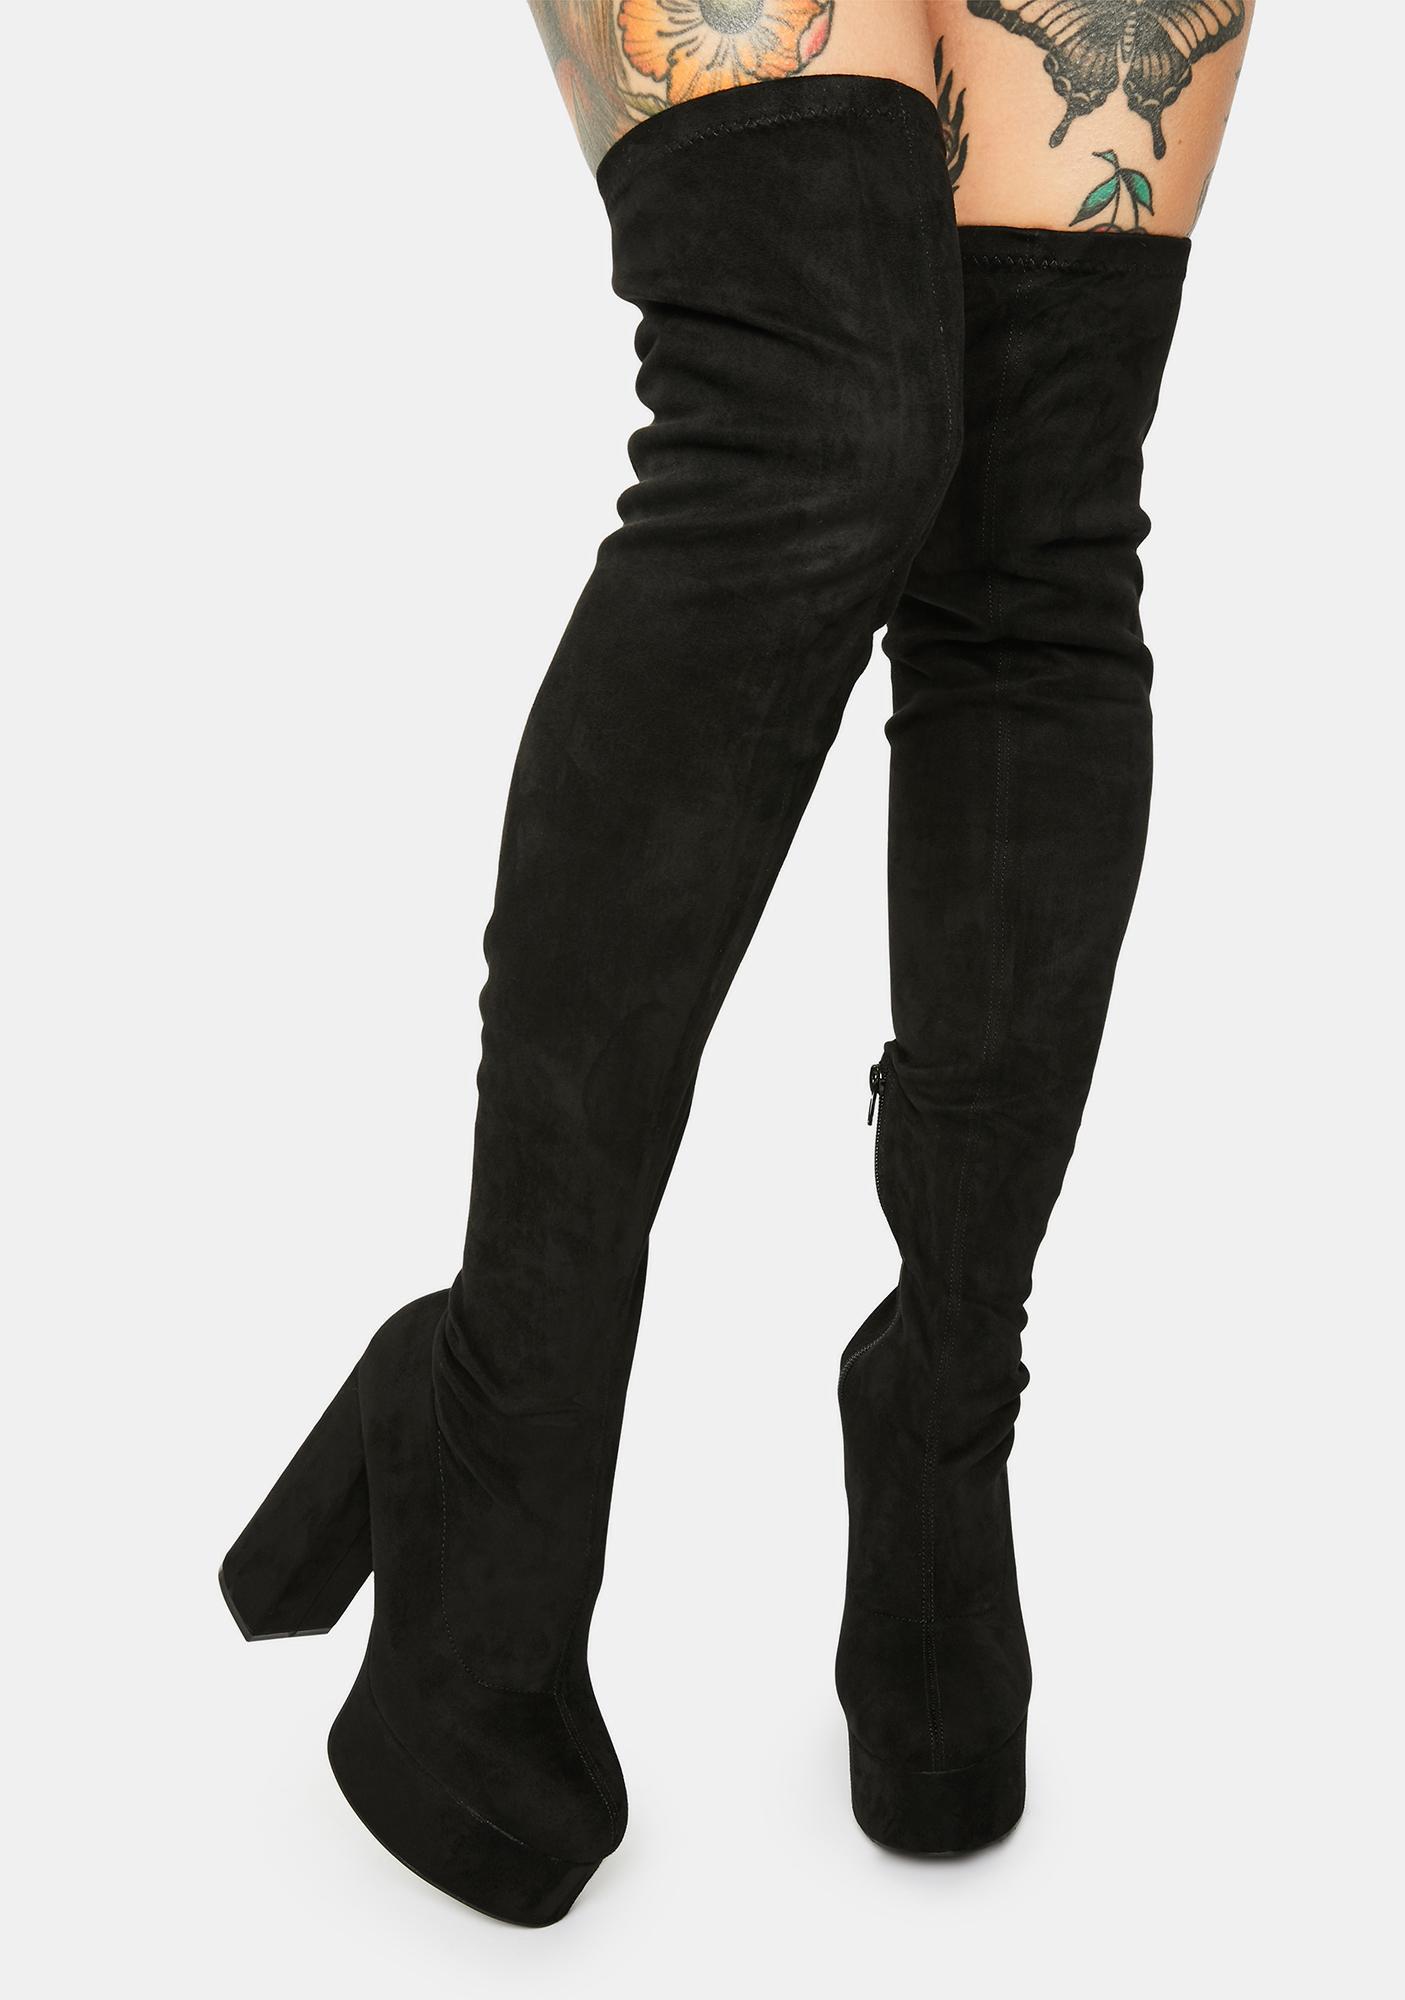 Noir Blackout Miss Behave Thigh High Boots